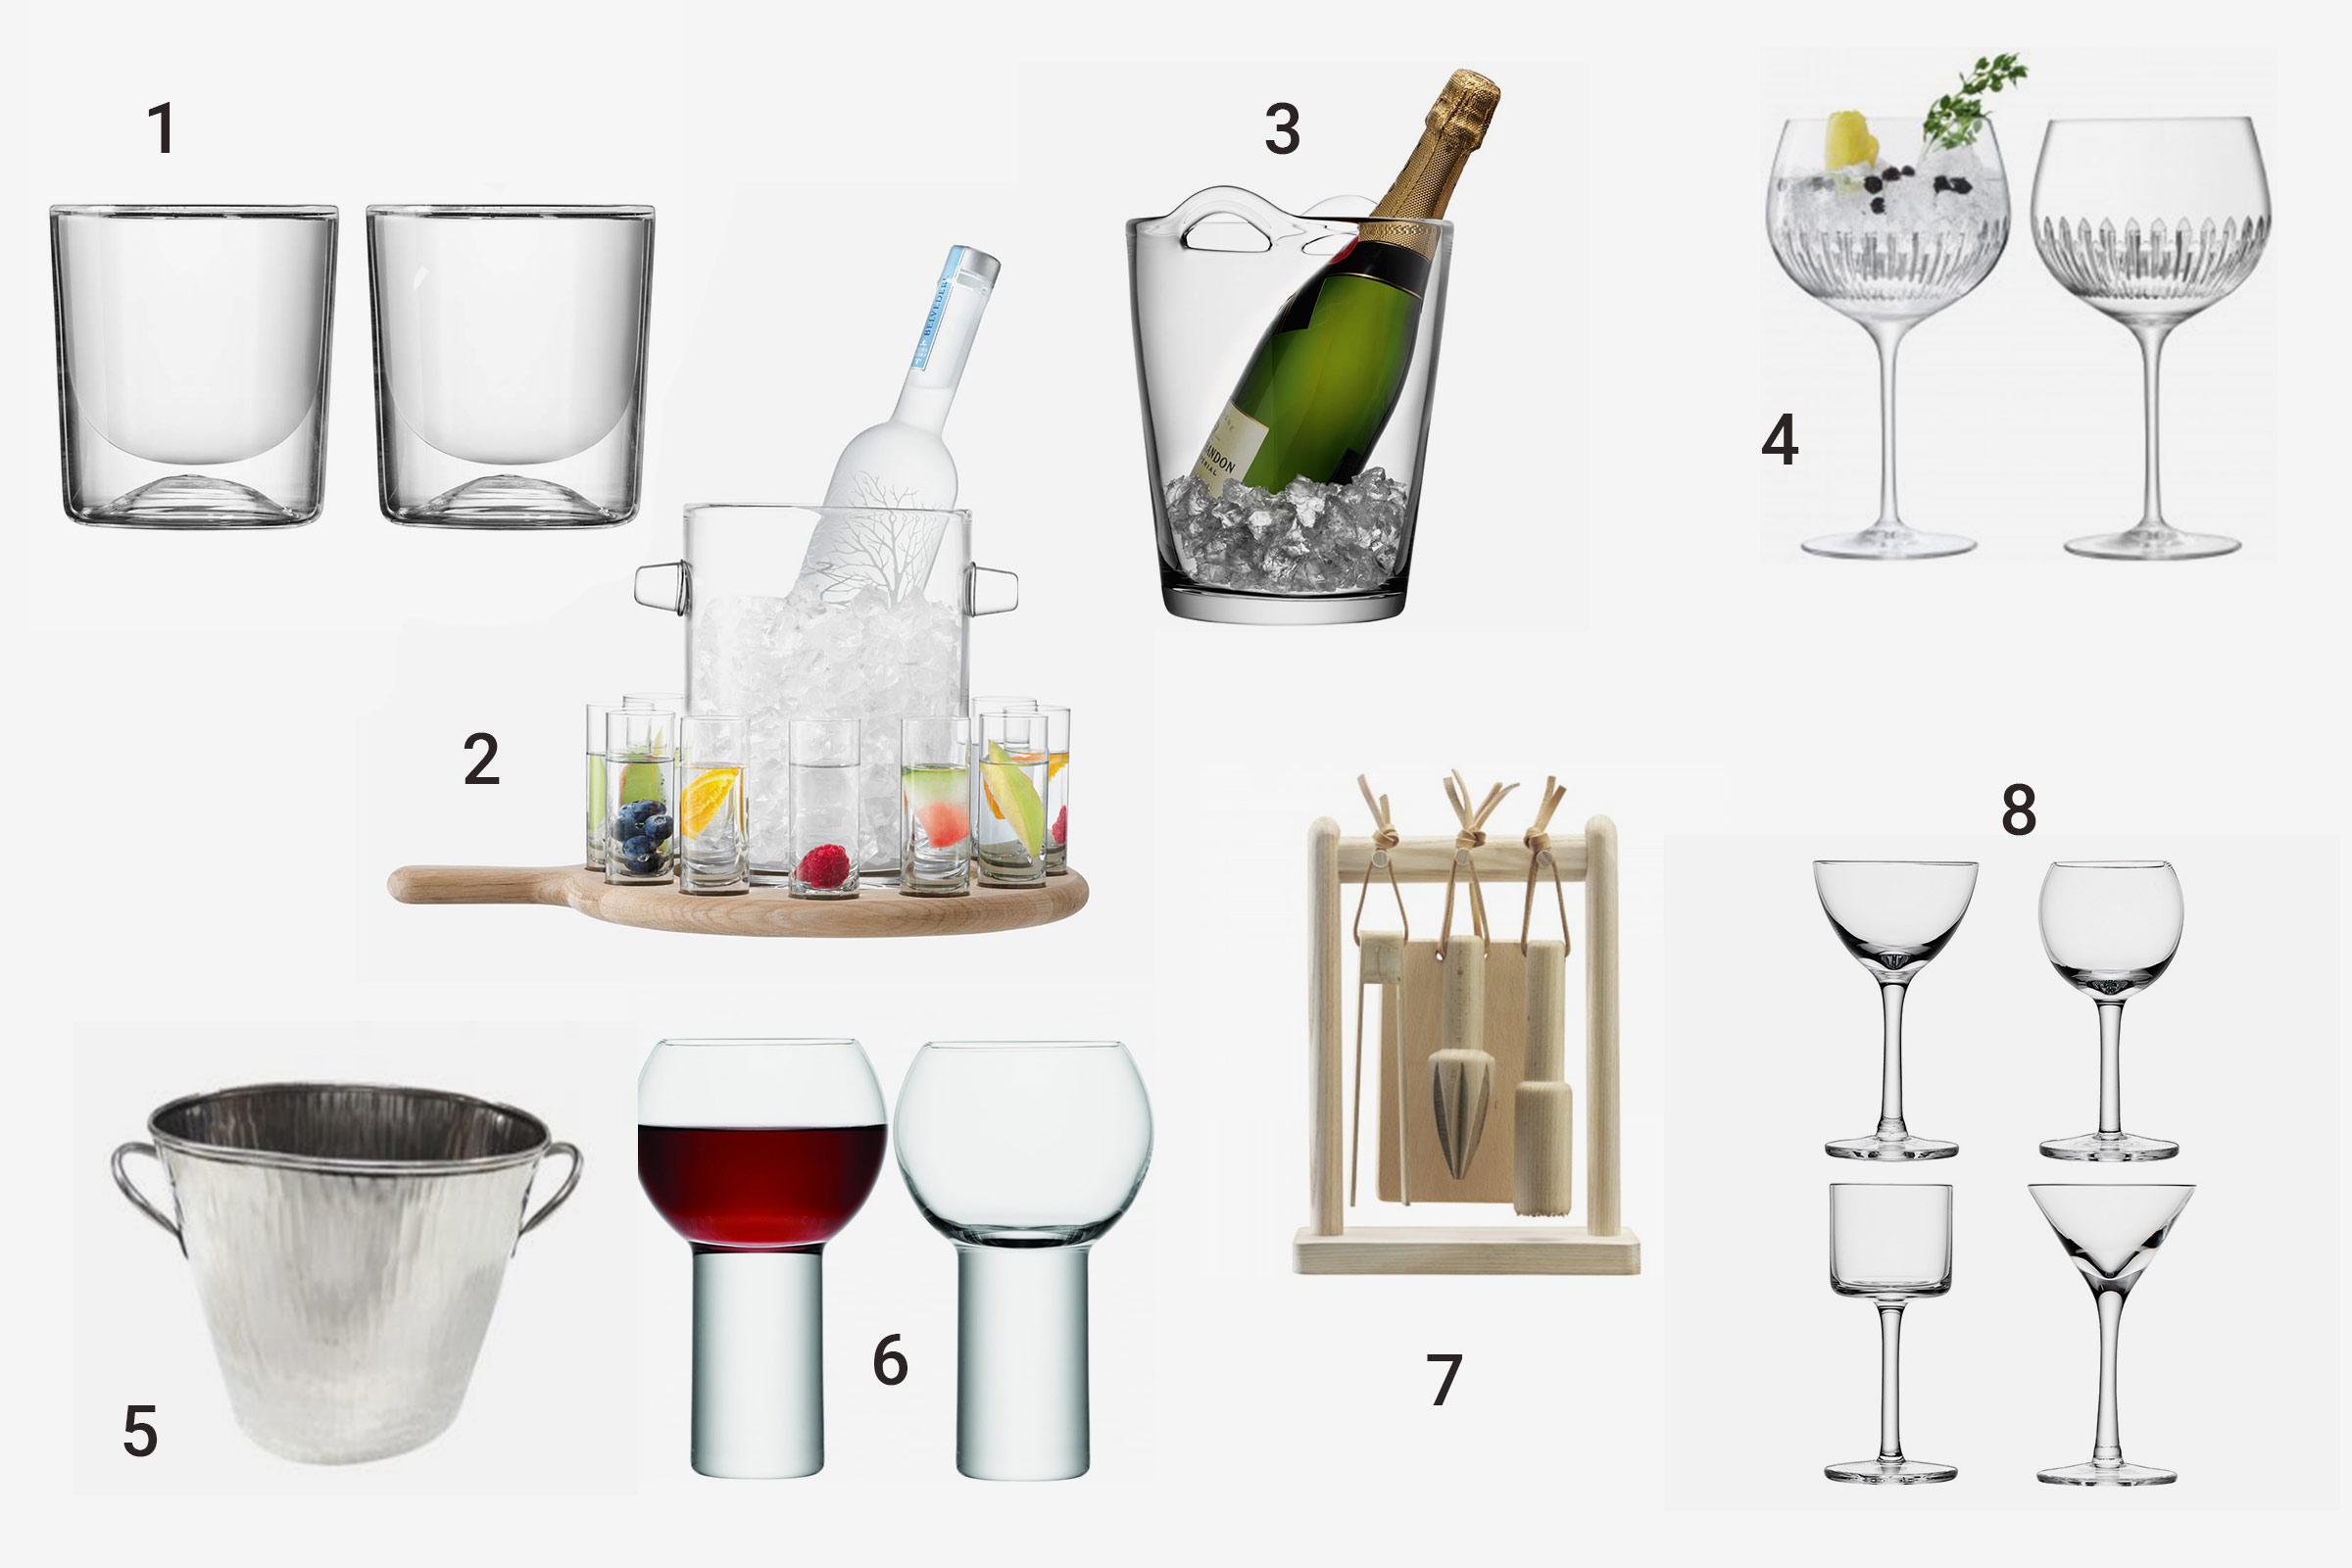 מגוון כוסות לשתייה חריפה